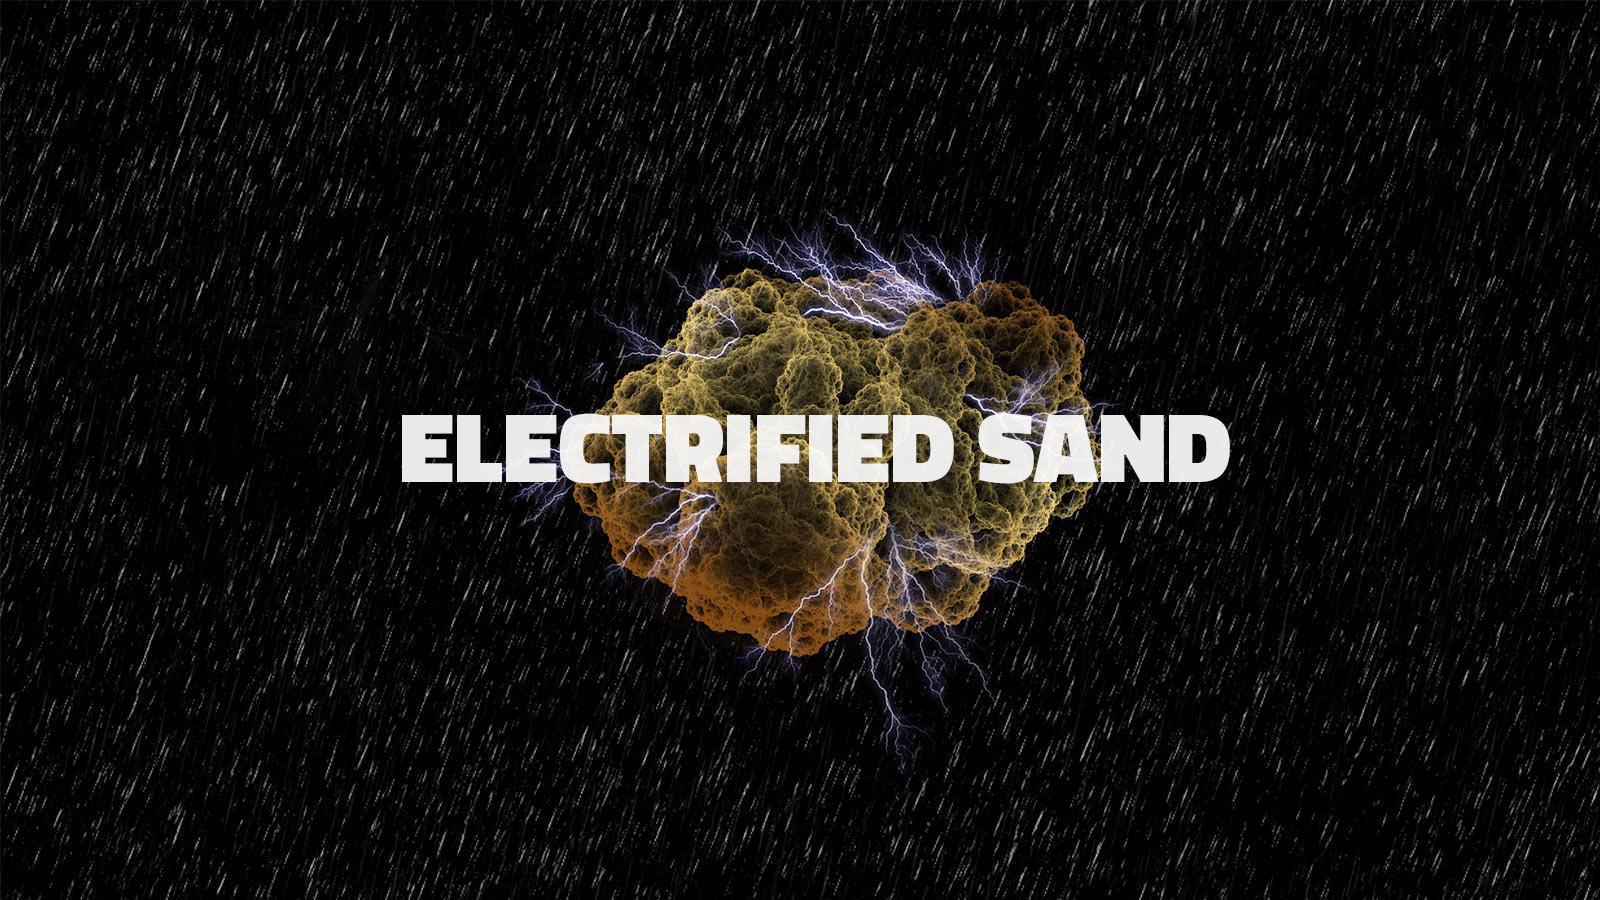 Electrified Sand